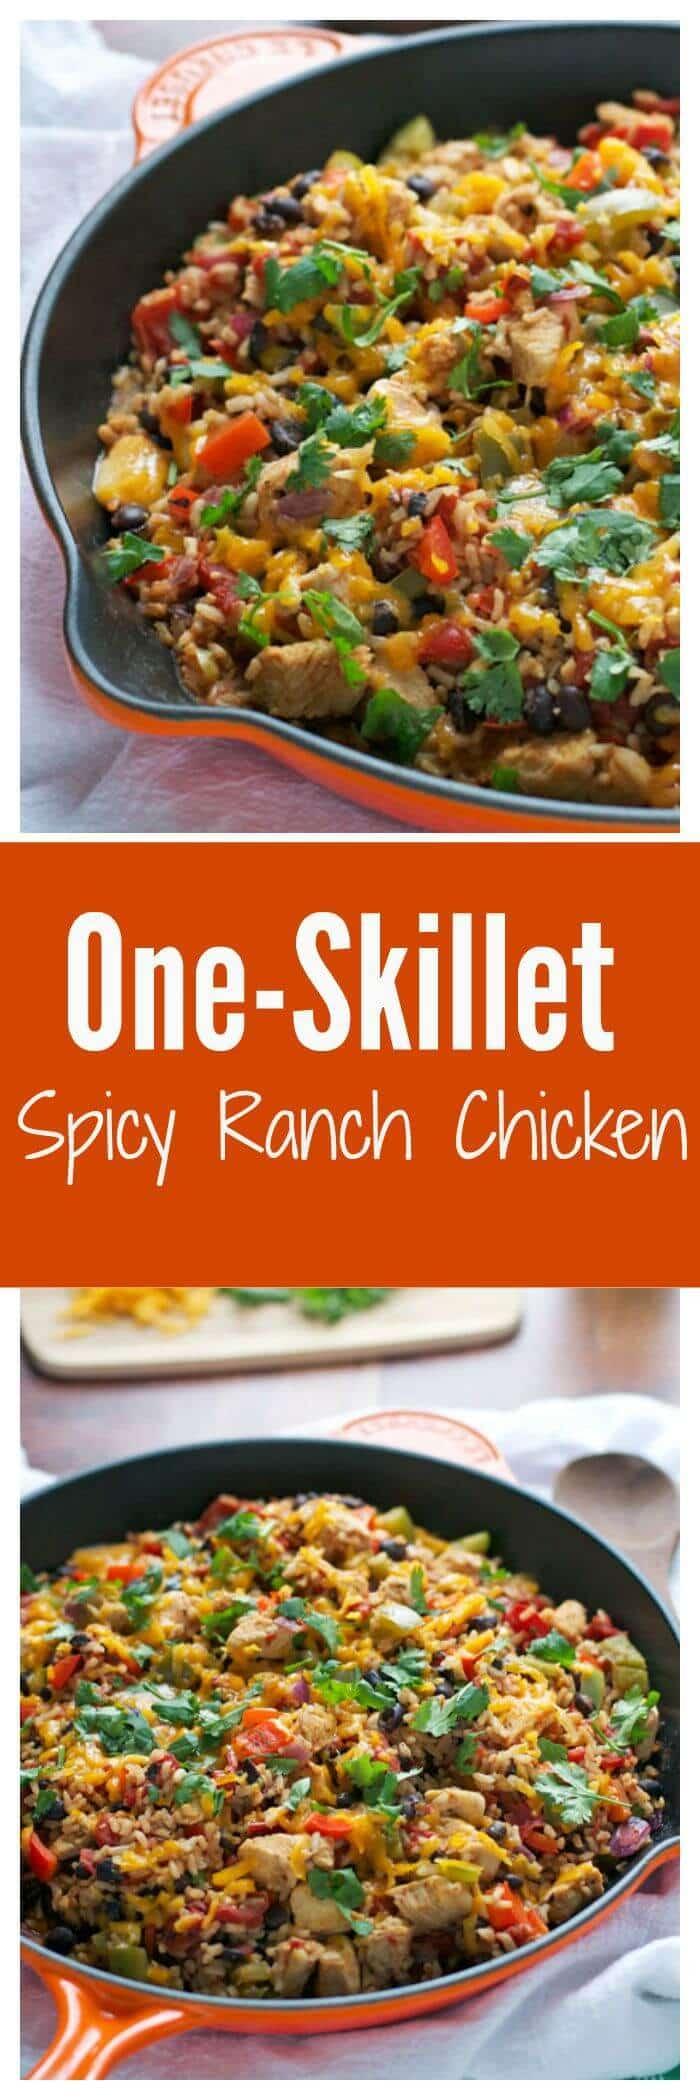 One Skillet Spicy Ranch Chicken